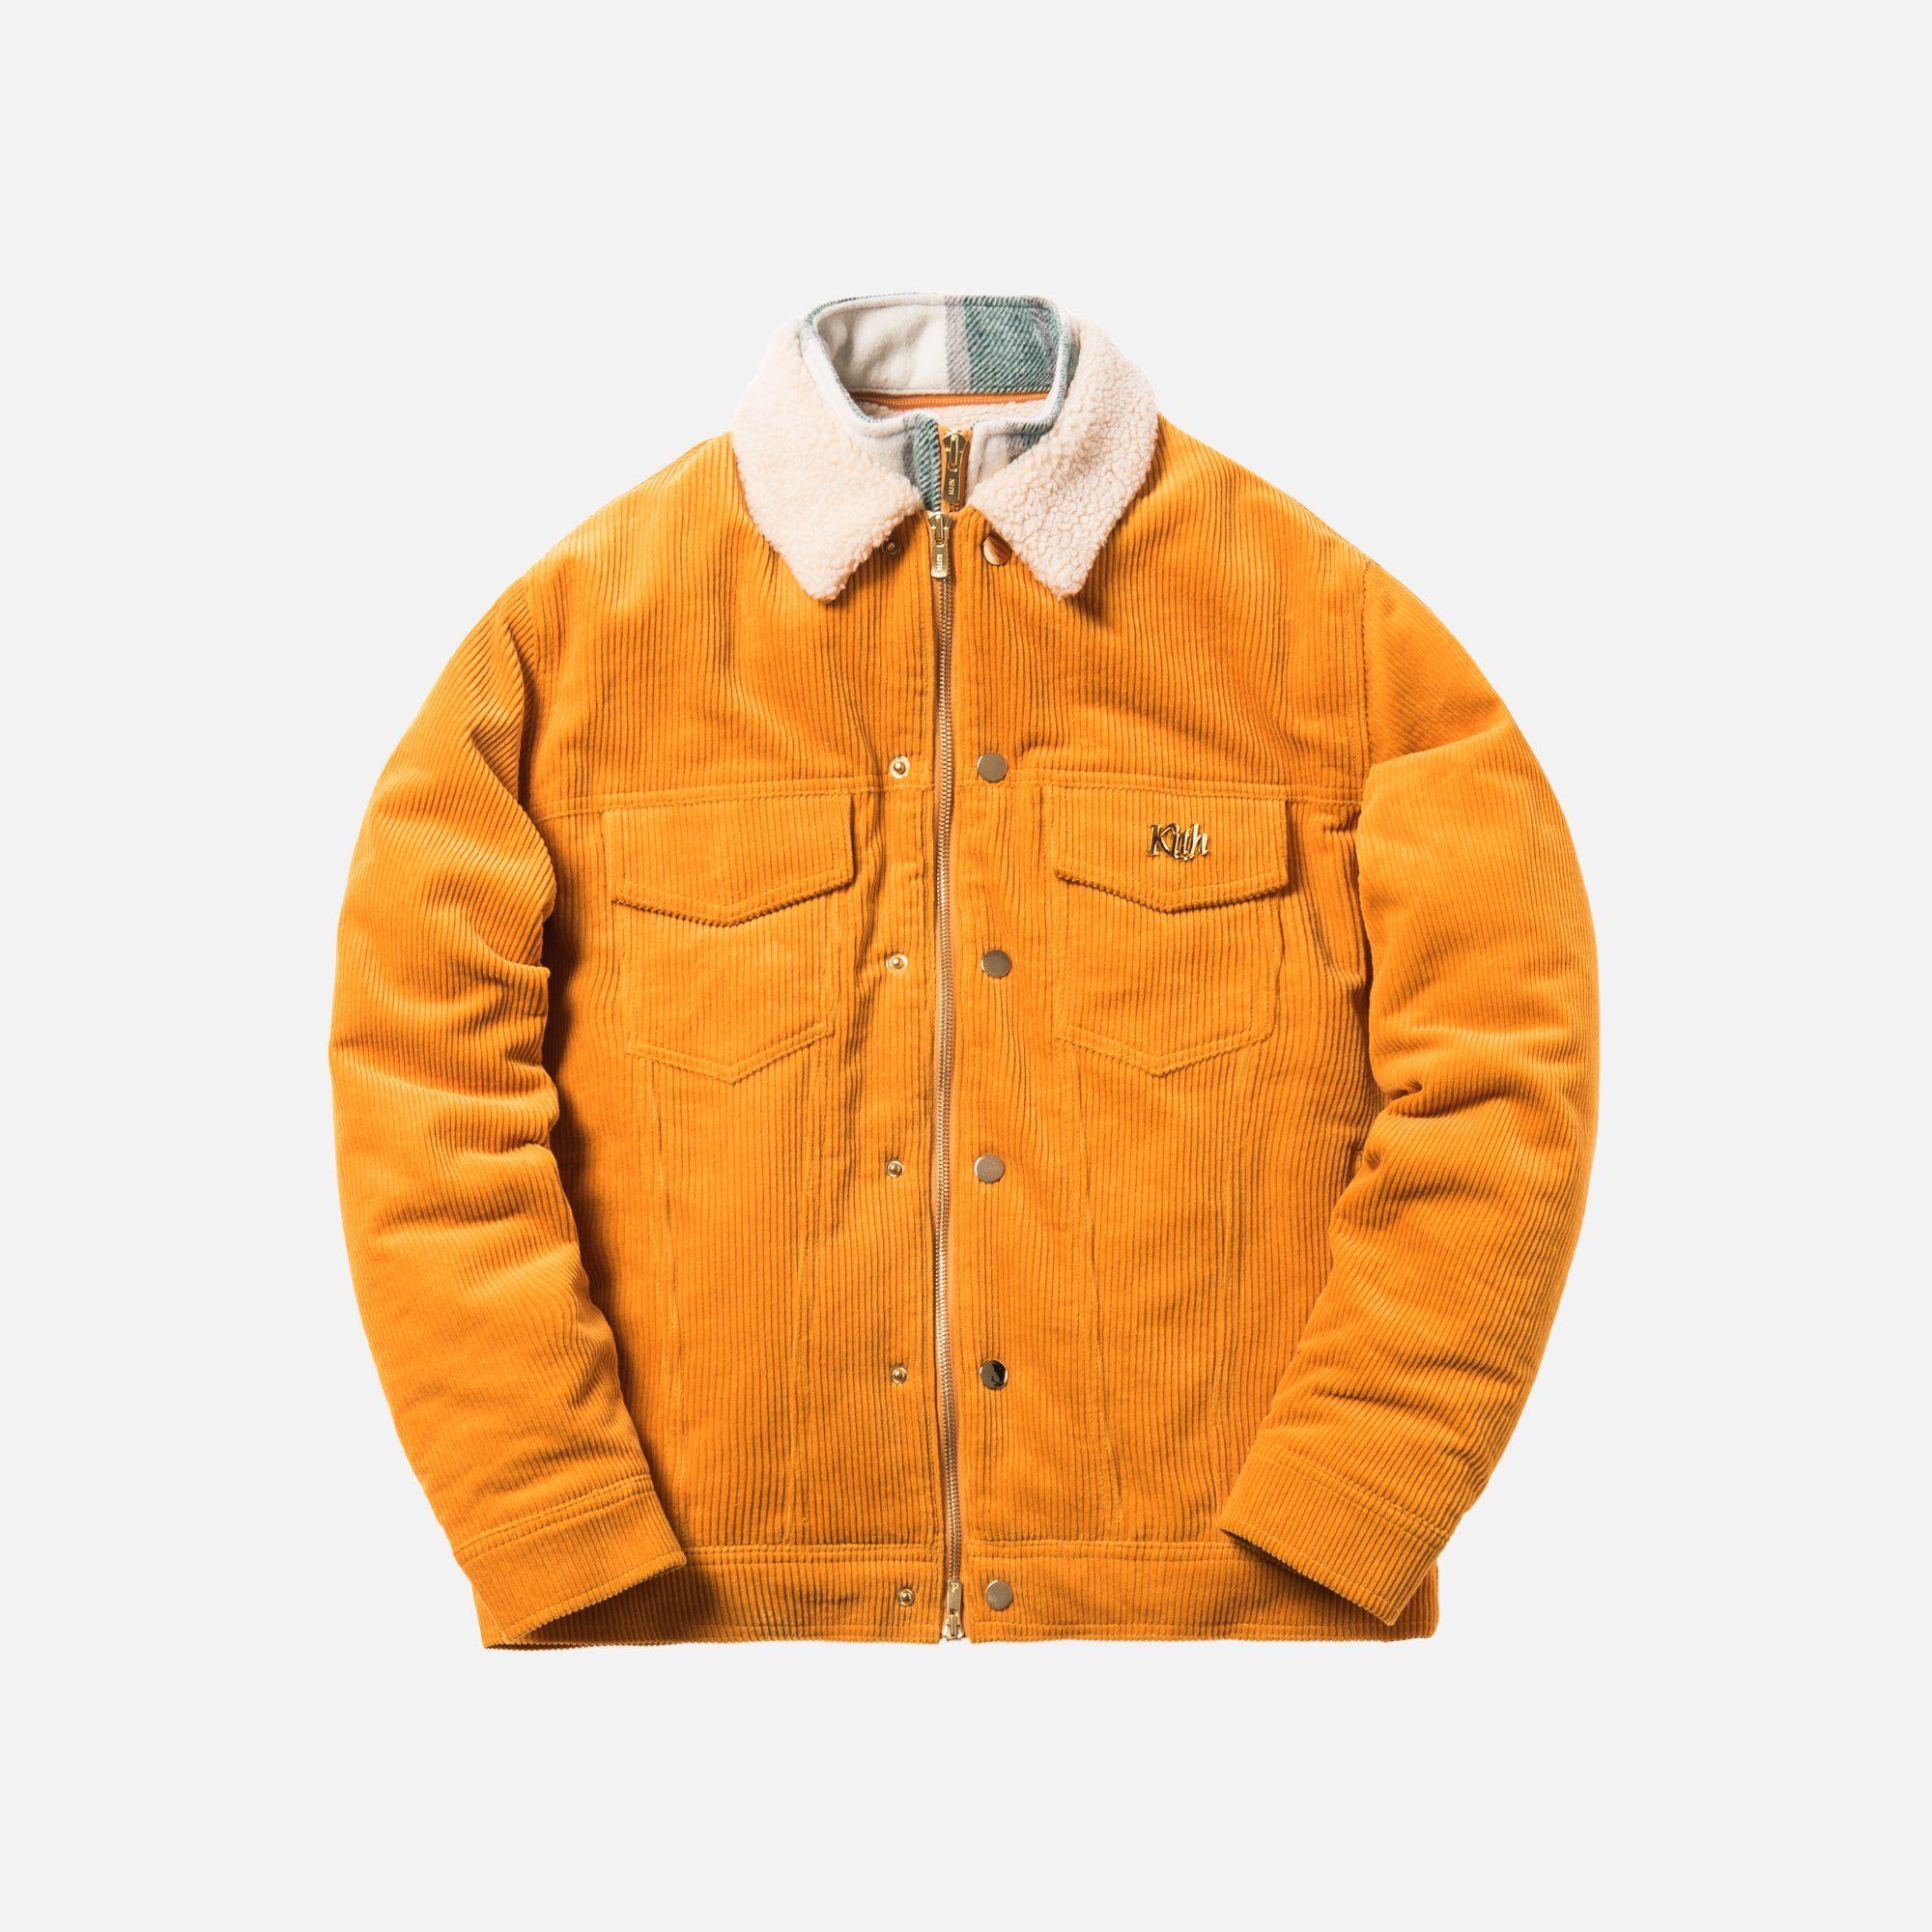 Kith Corduroy Laight Jacket Golden Yellow Jackets Corduroy Kith [ 2000 x 2000 Pixel ]